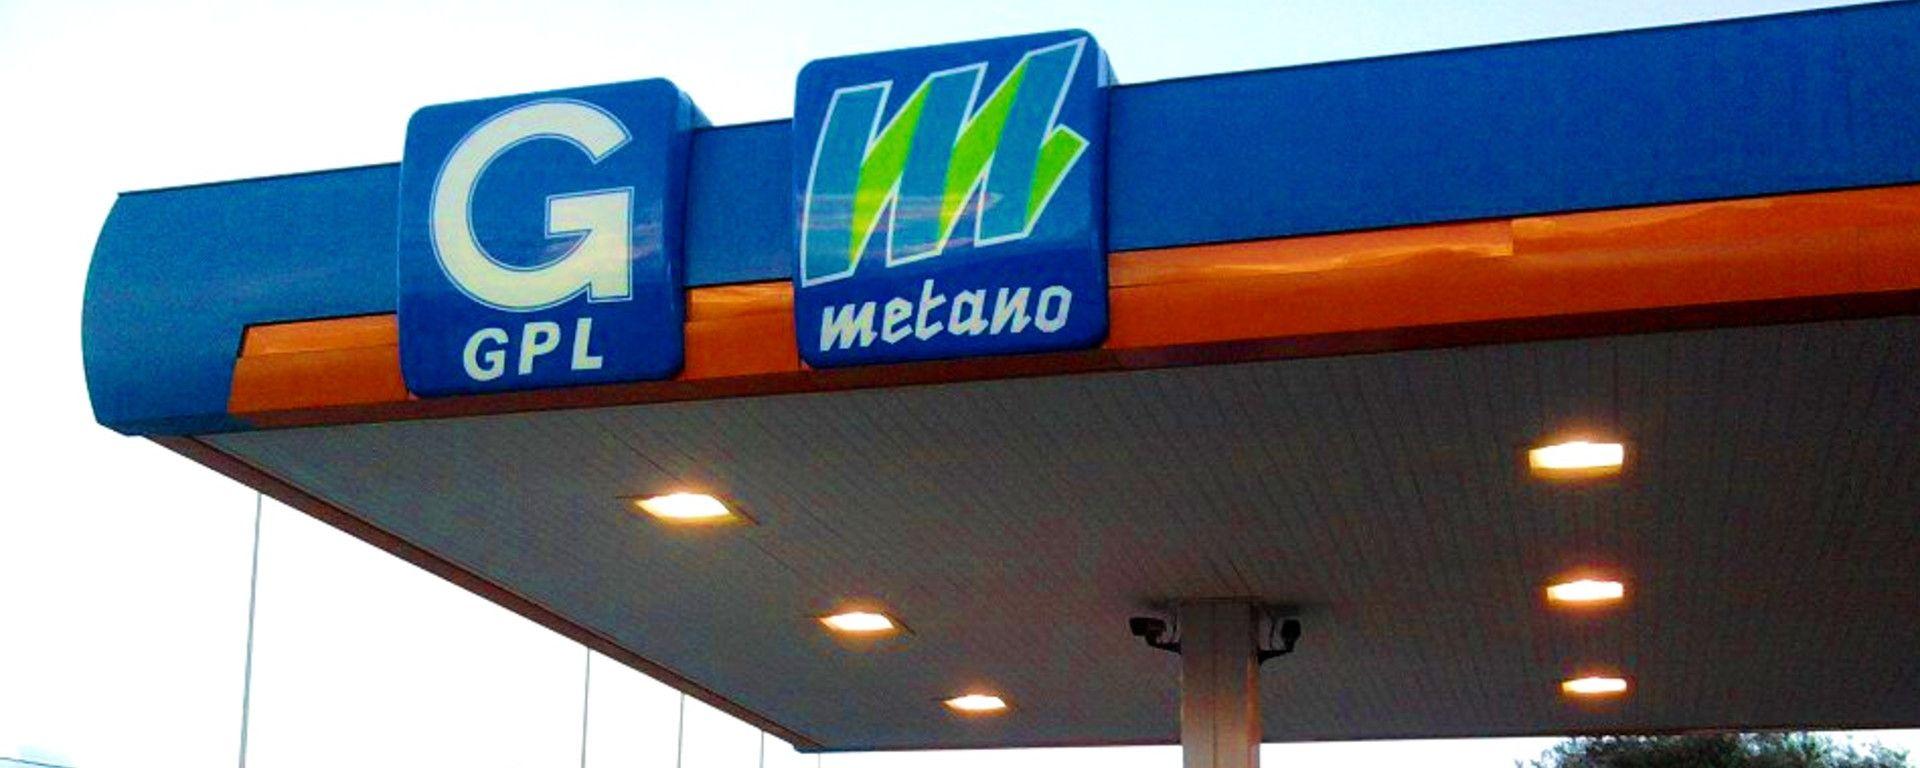 L'insegna di un distributore di GPL e metano